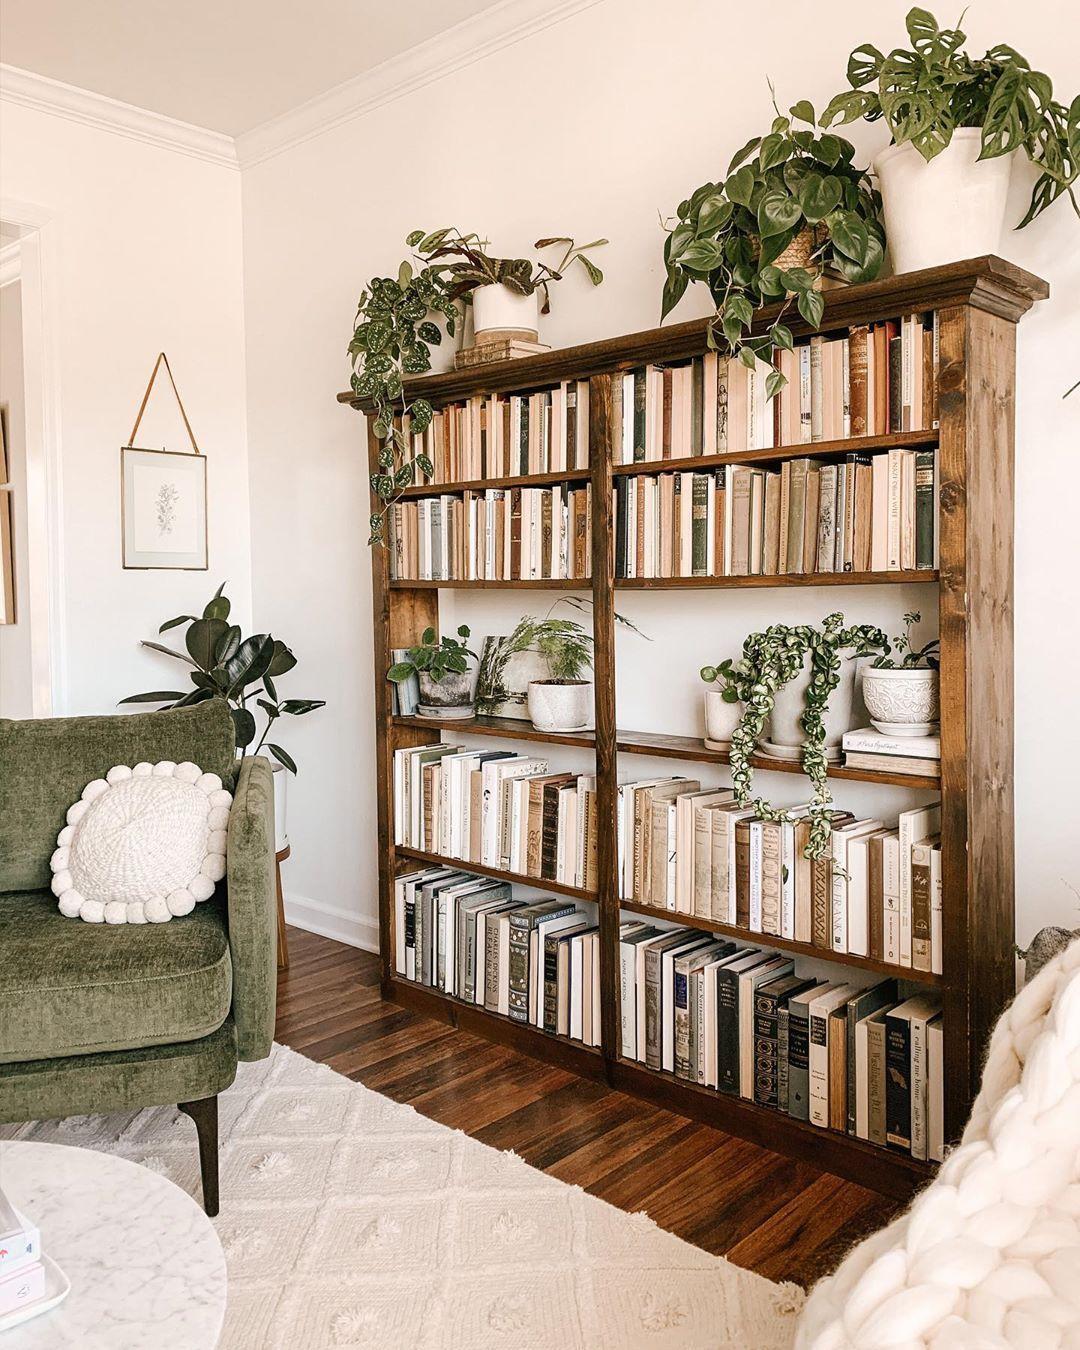 9 schöne Wohnzimmer Ideen #Dekoration #Ideen #schön #und